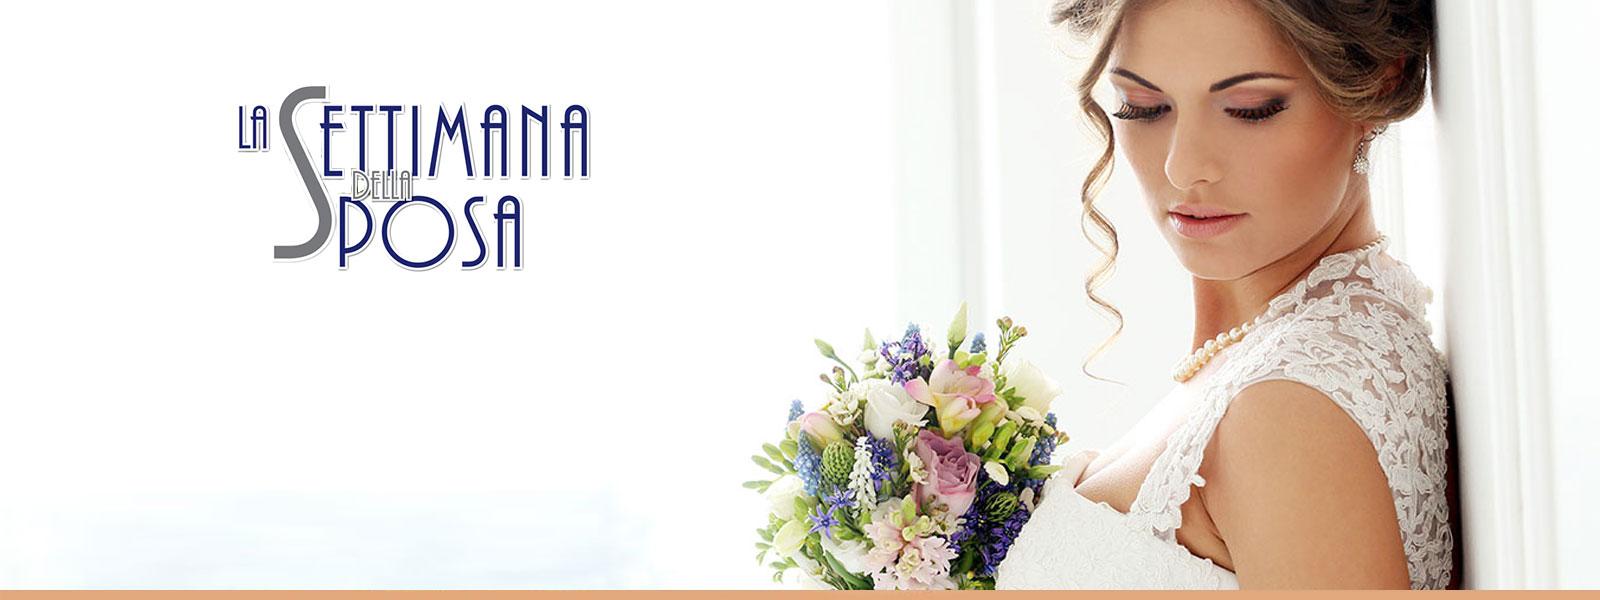 6d7f969ce235 Home - La Settimana Della Sposa  Fiera Sposi acireale